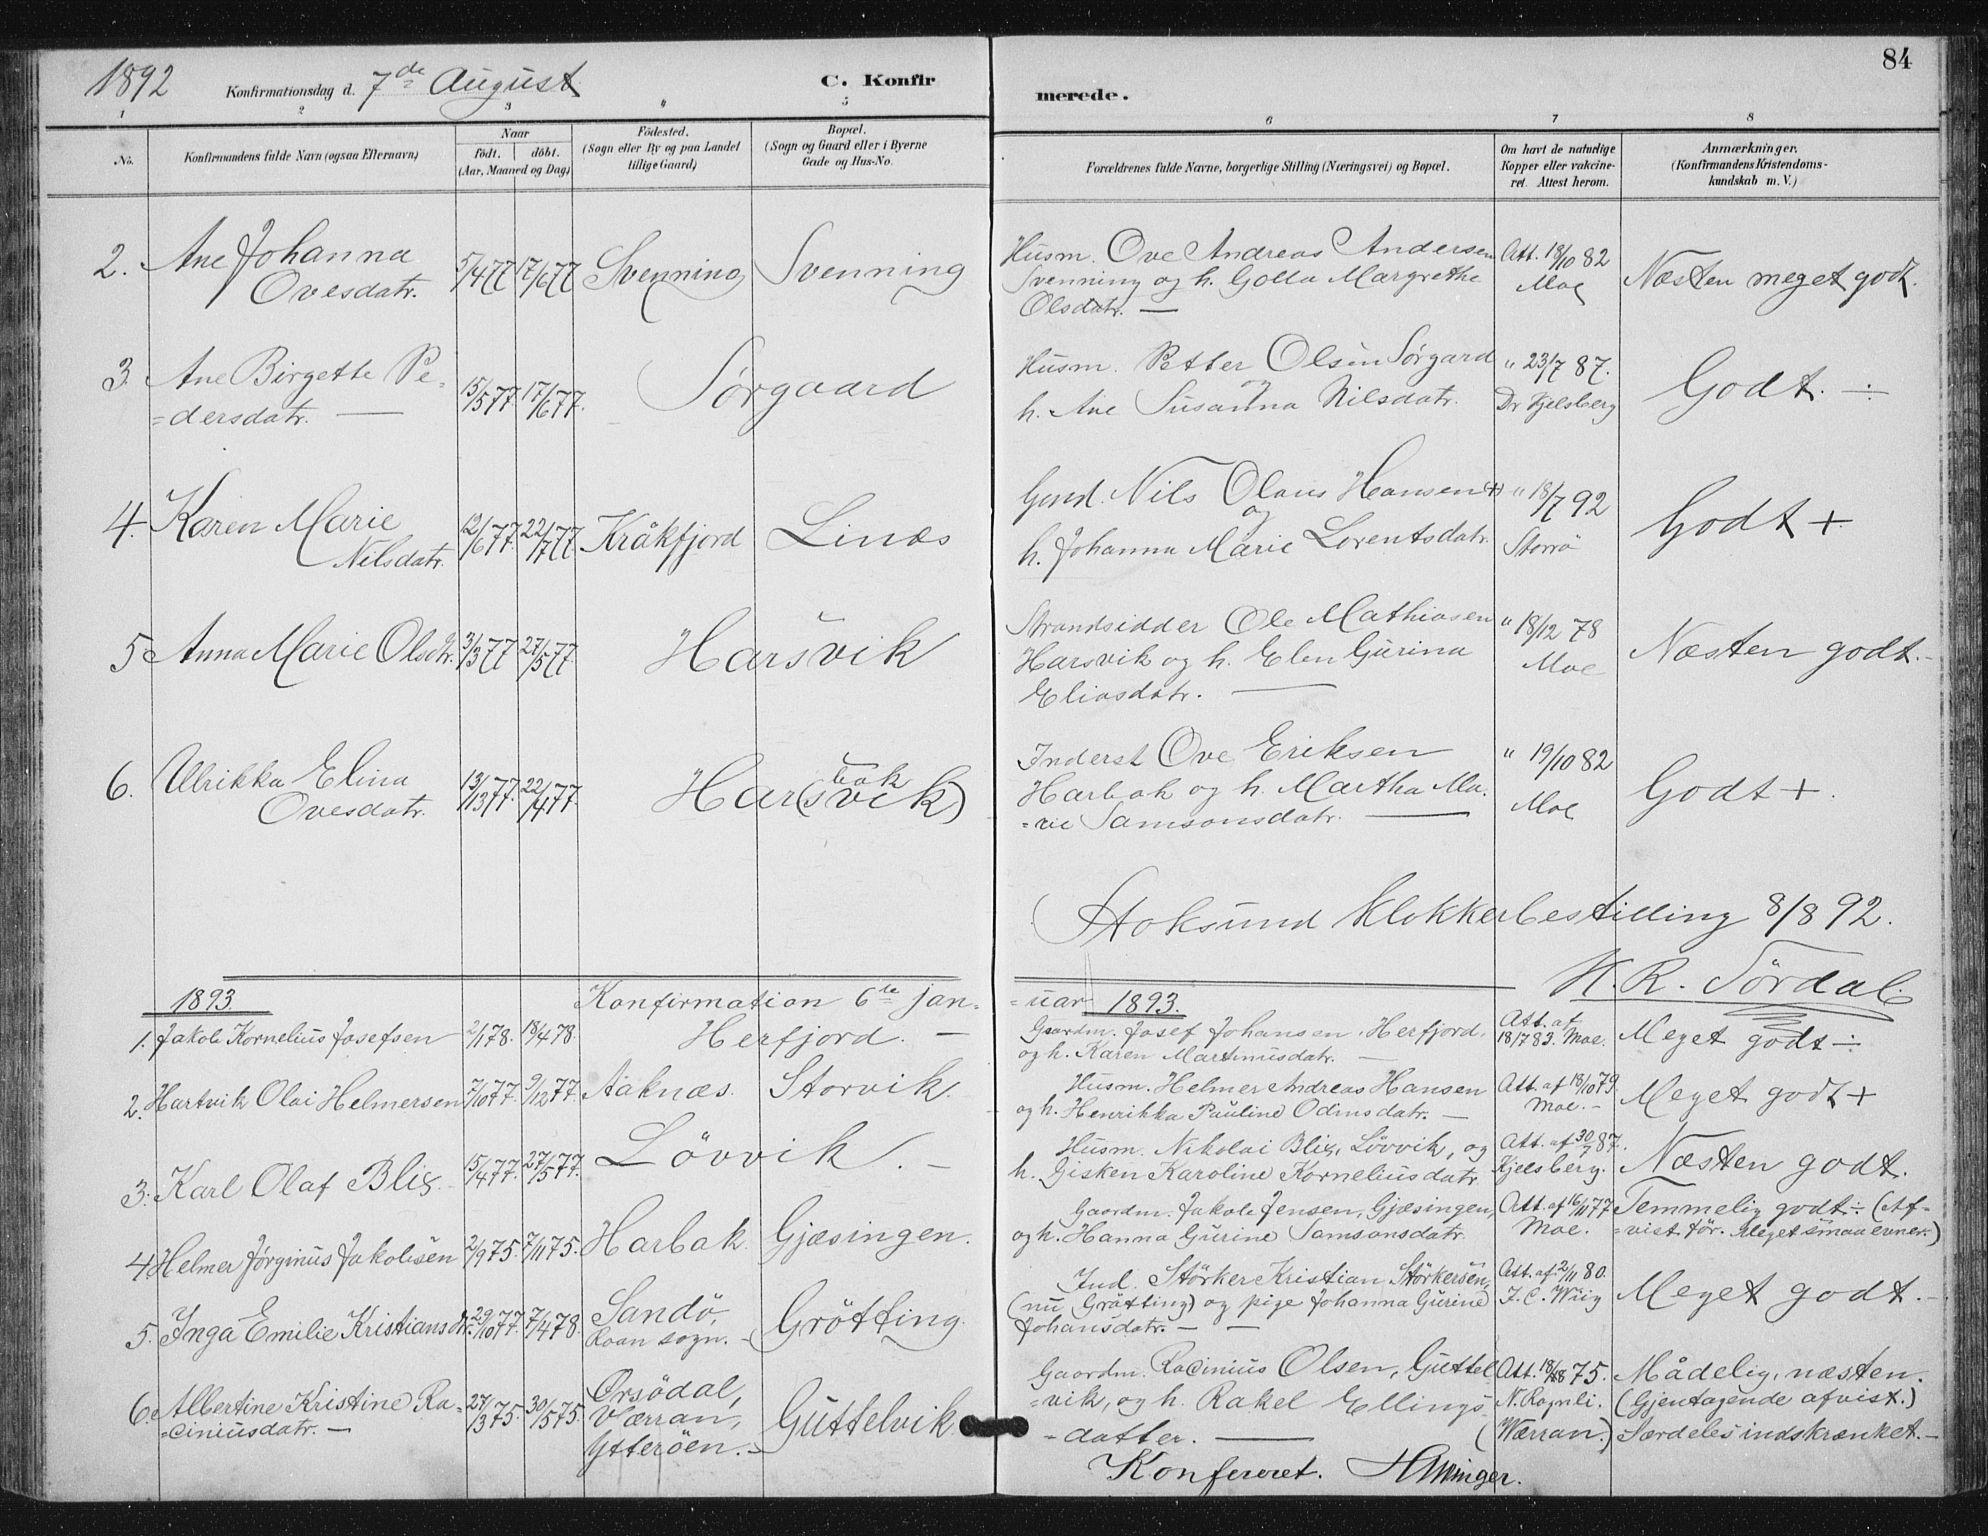 SAT, Ministerialprotokoller, klokkerbøker og fødselsregistre - Sør-Trøndelag, 656/L0698: Klokkerbok nr. 656C04, 1890-1904, s. 84